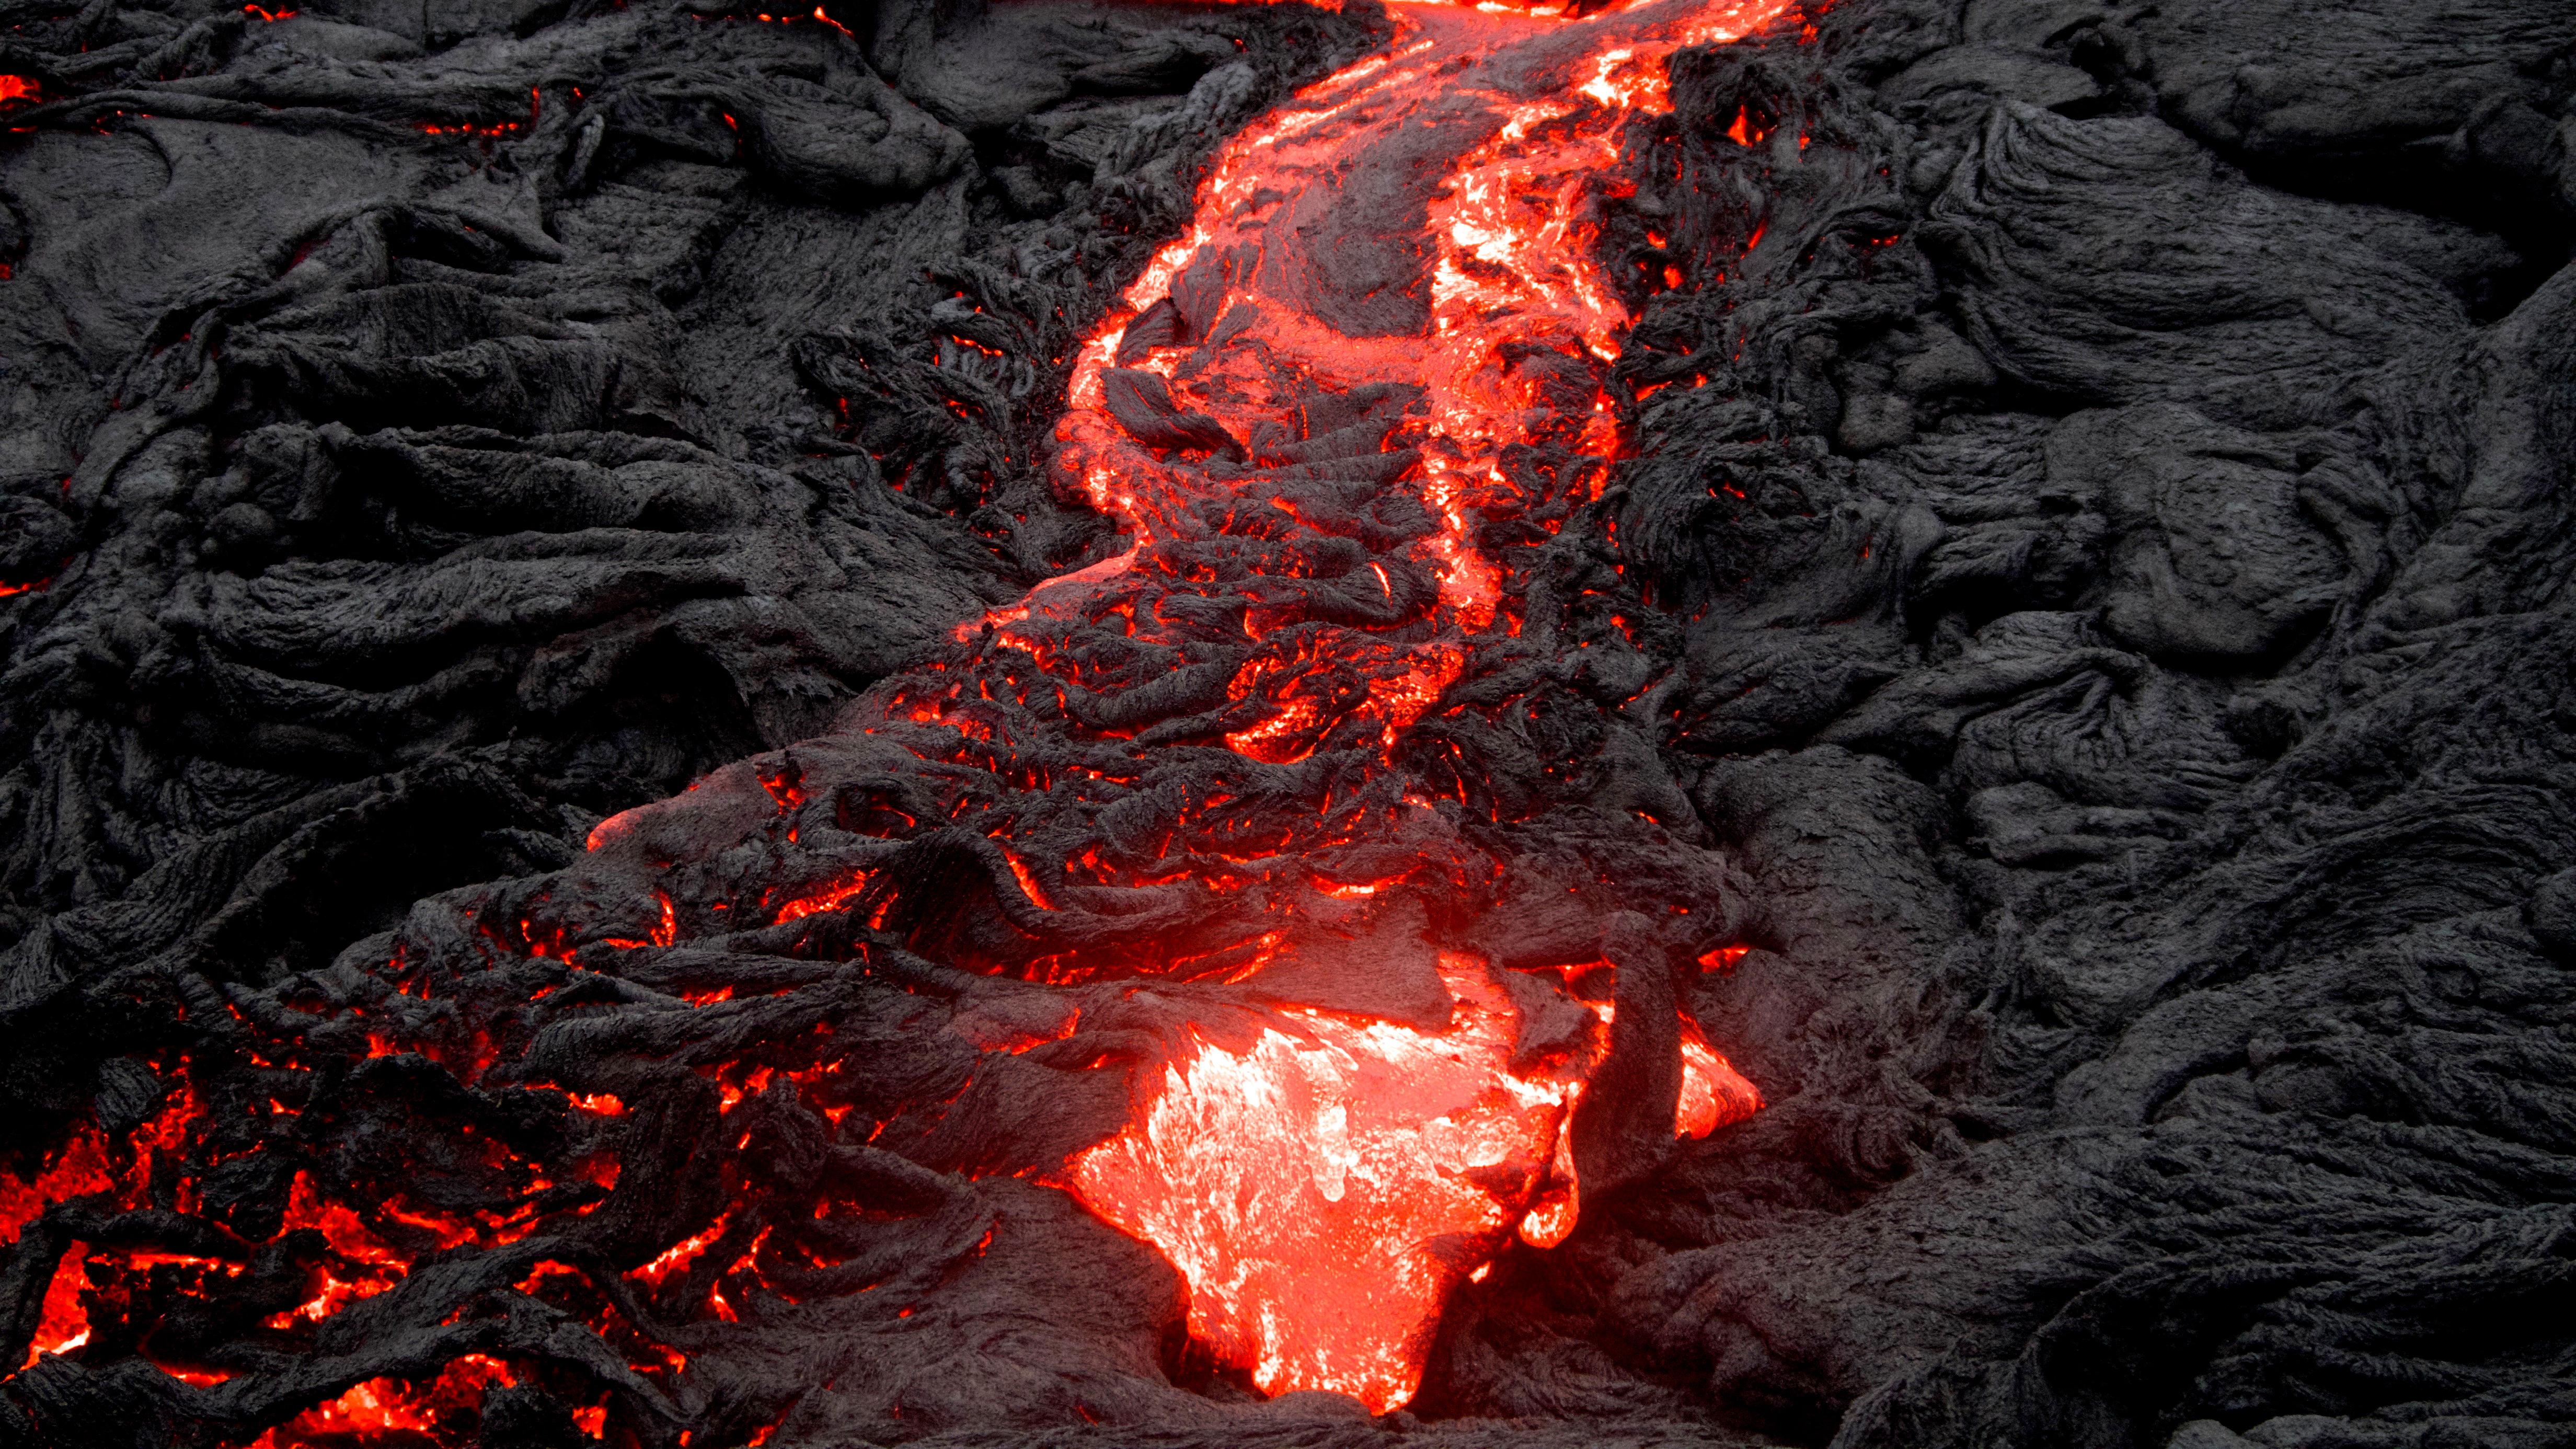 Kīlauea es un volcán en escudo hiperactivo en Hawái, y el más activo de los cinco volcanes que conforman la isla de Hawái; es también uno de los volcanes más activos de la Tierra